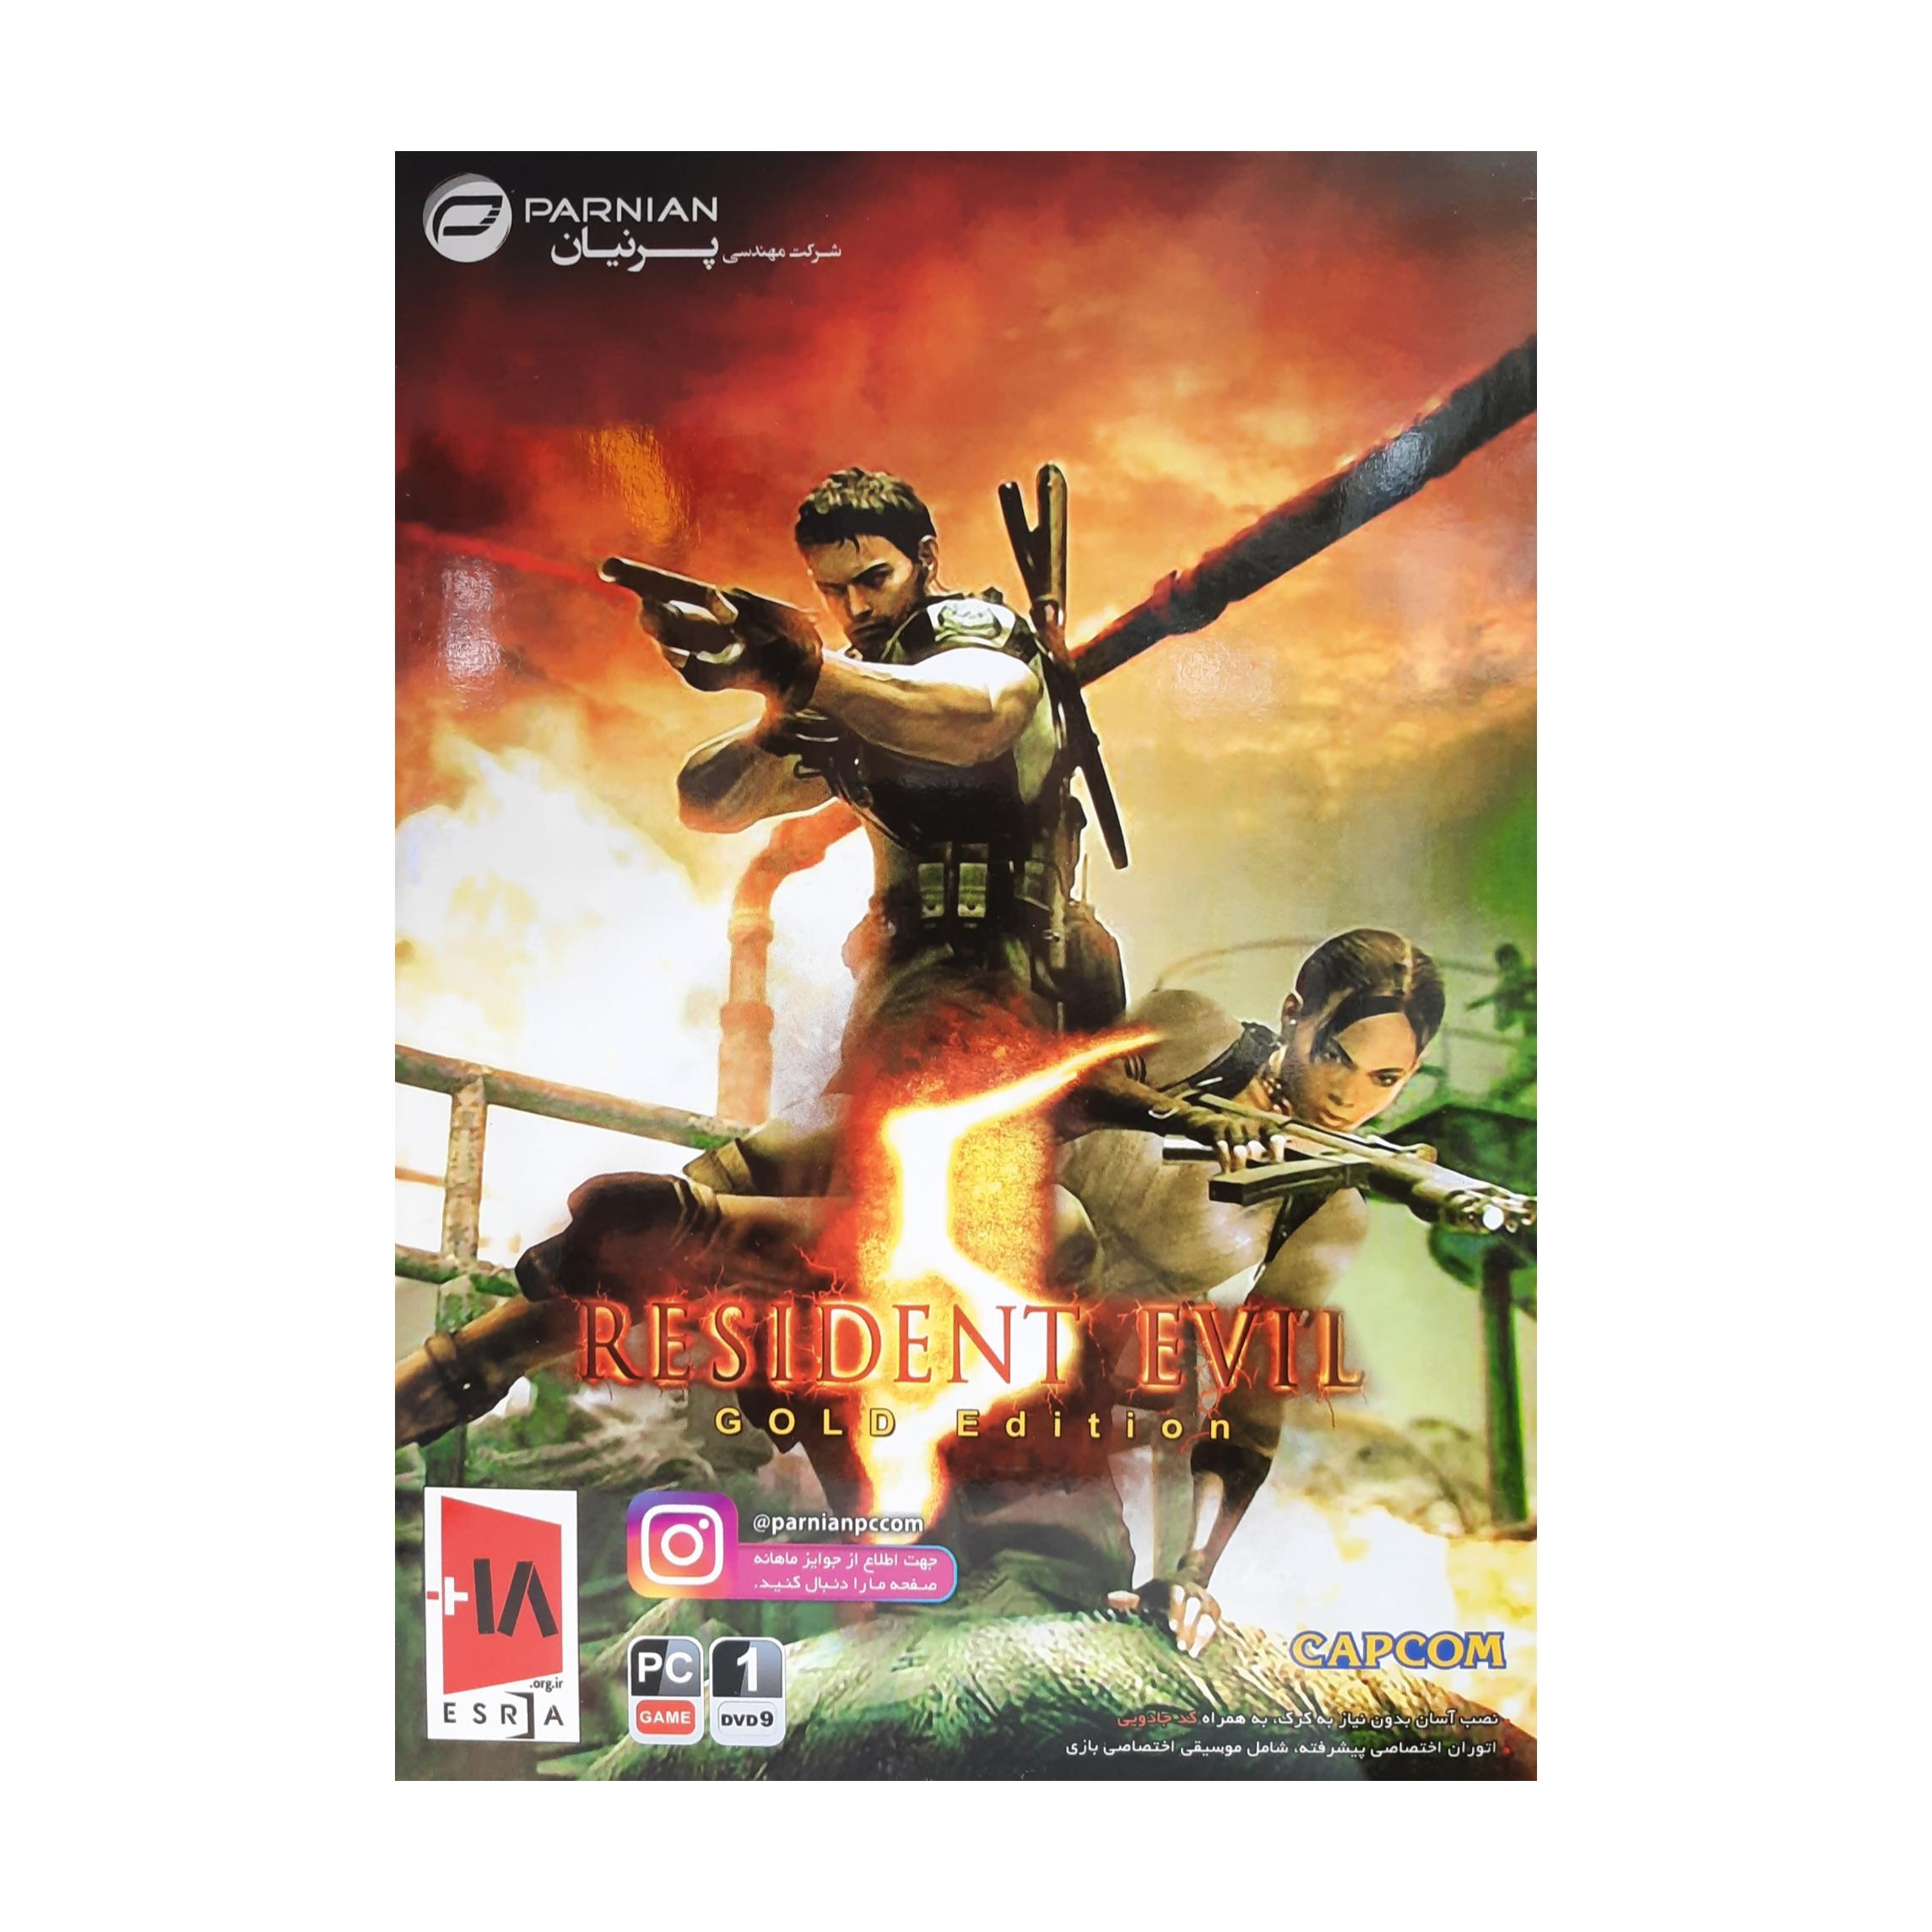 بازی Resident Evil 5 مخصوص pc نشر پرنیان